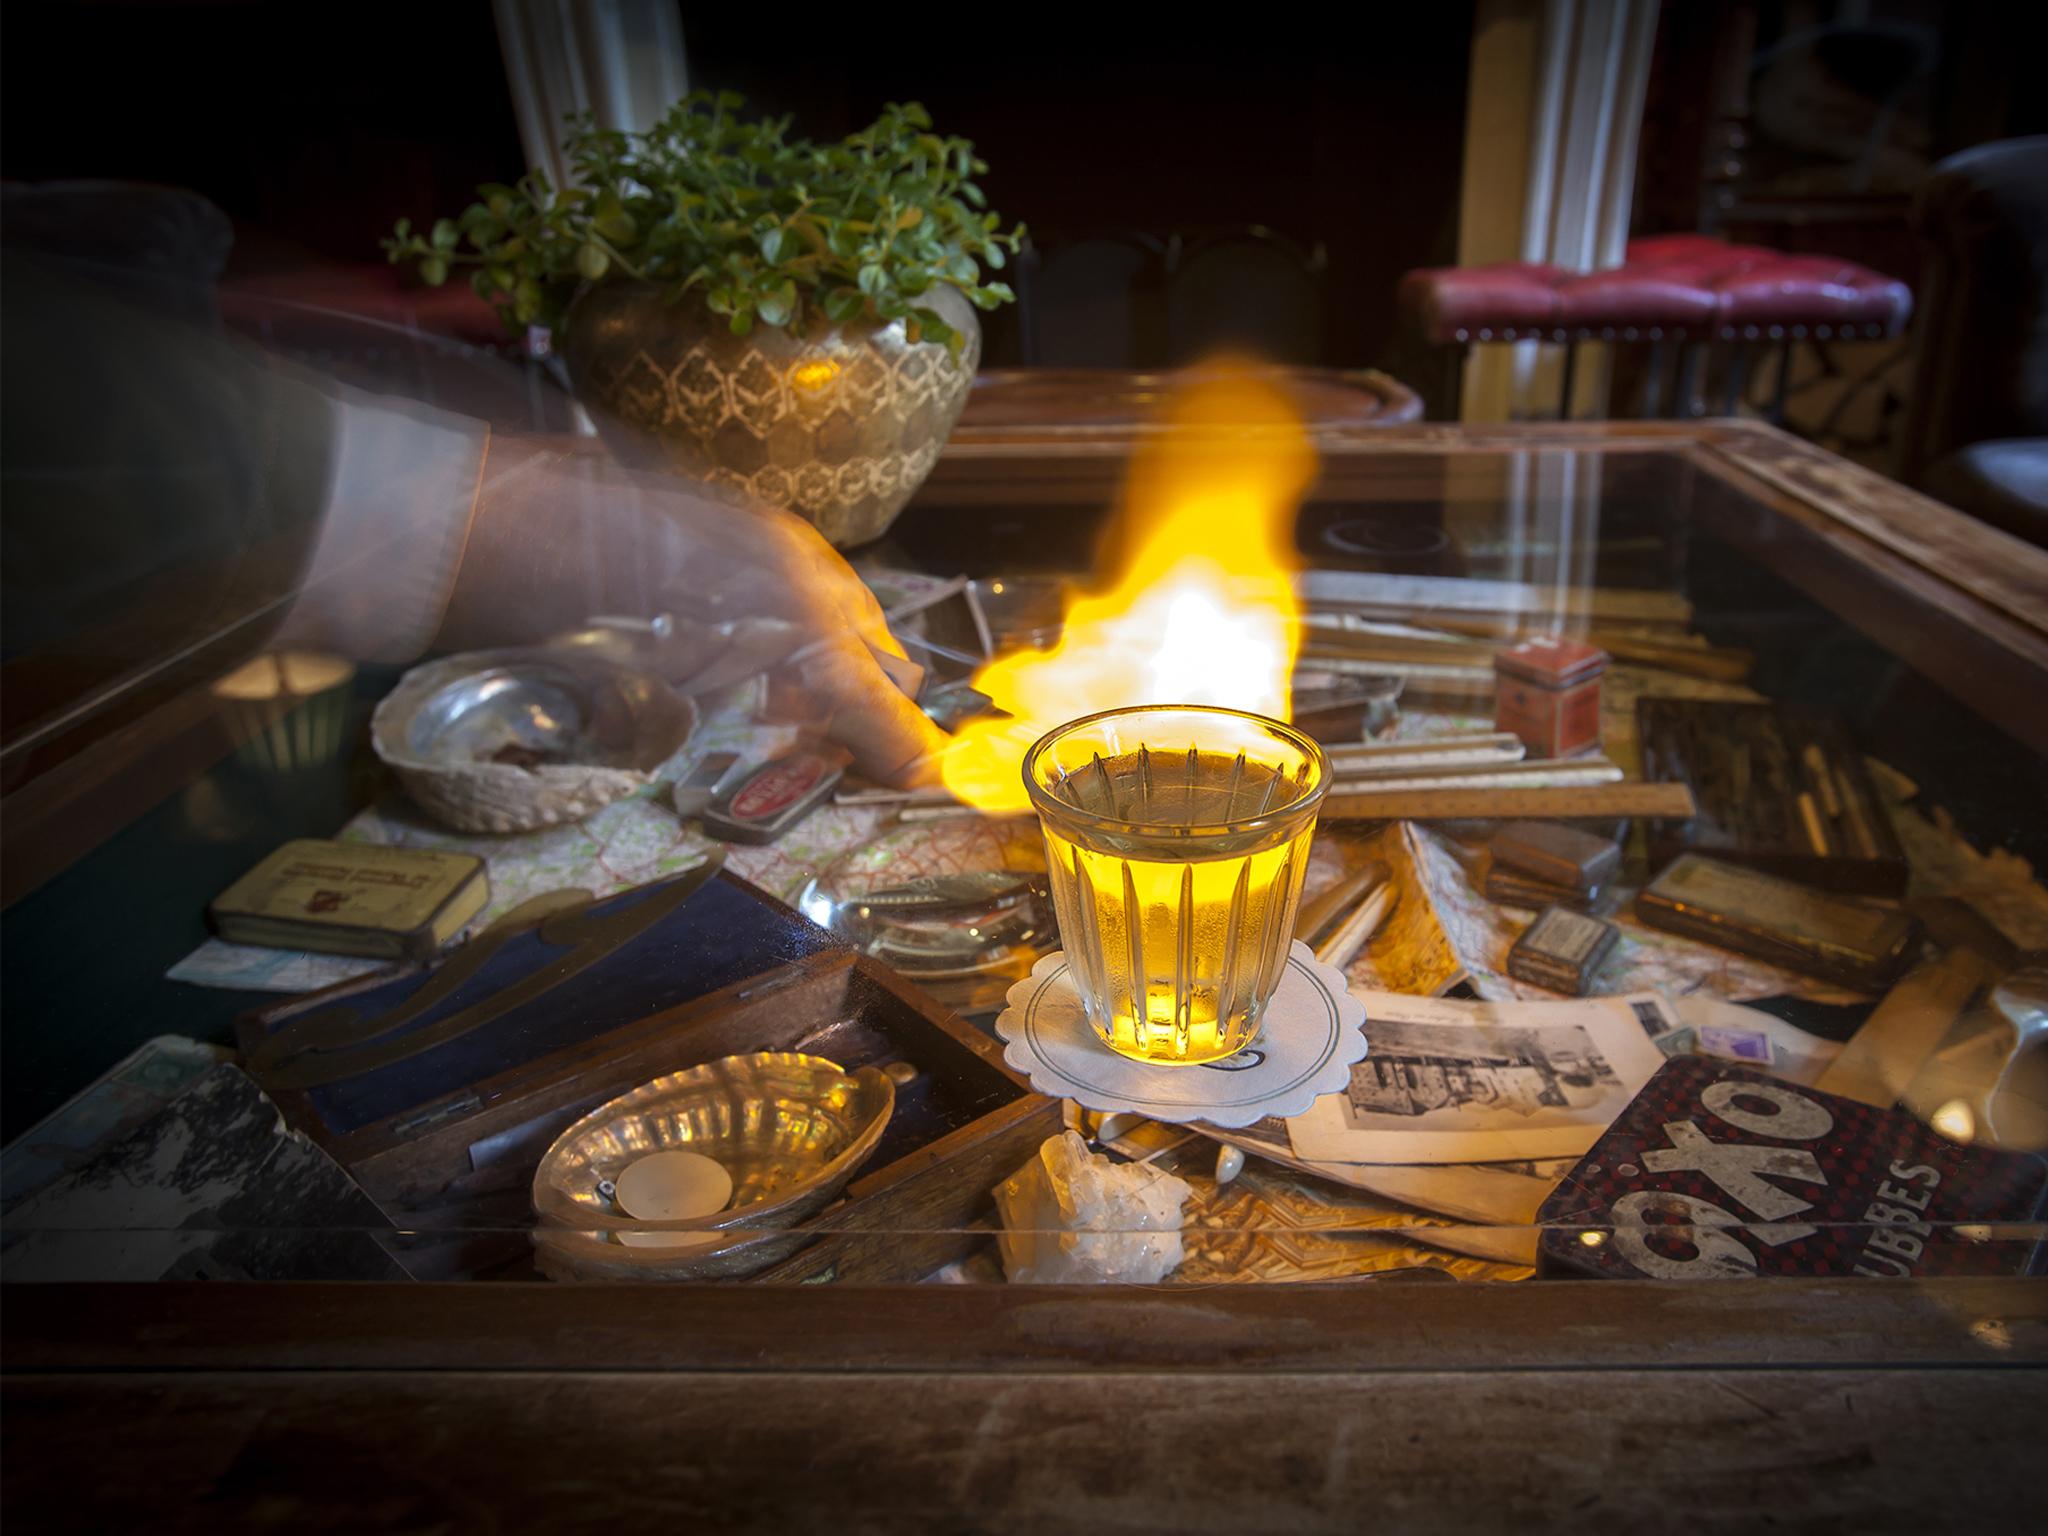 London's signature cocktails, zetter townhouse, flintlock